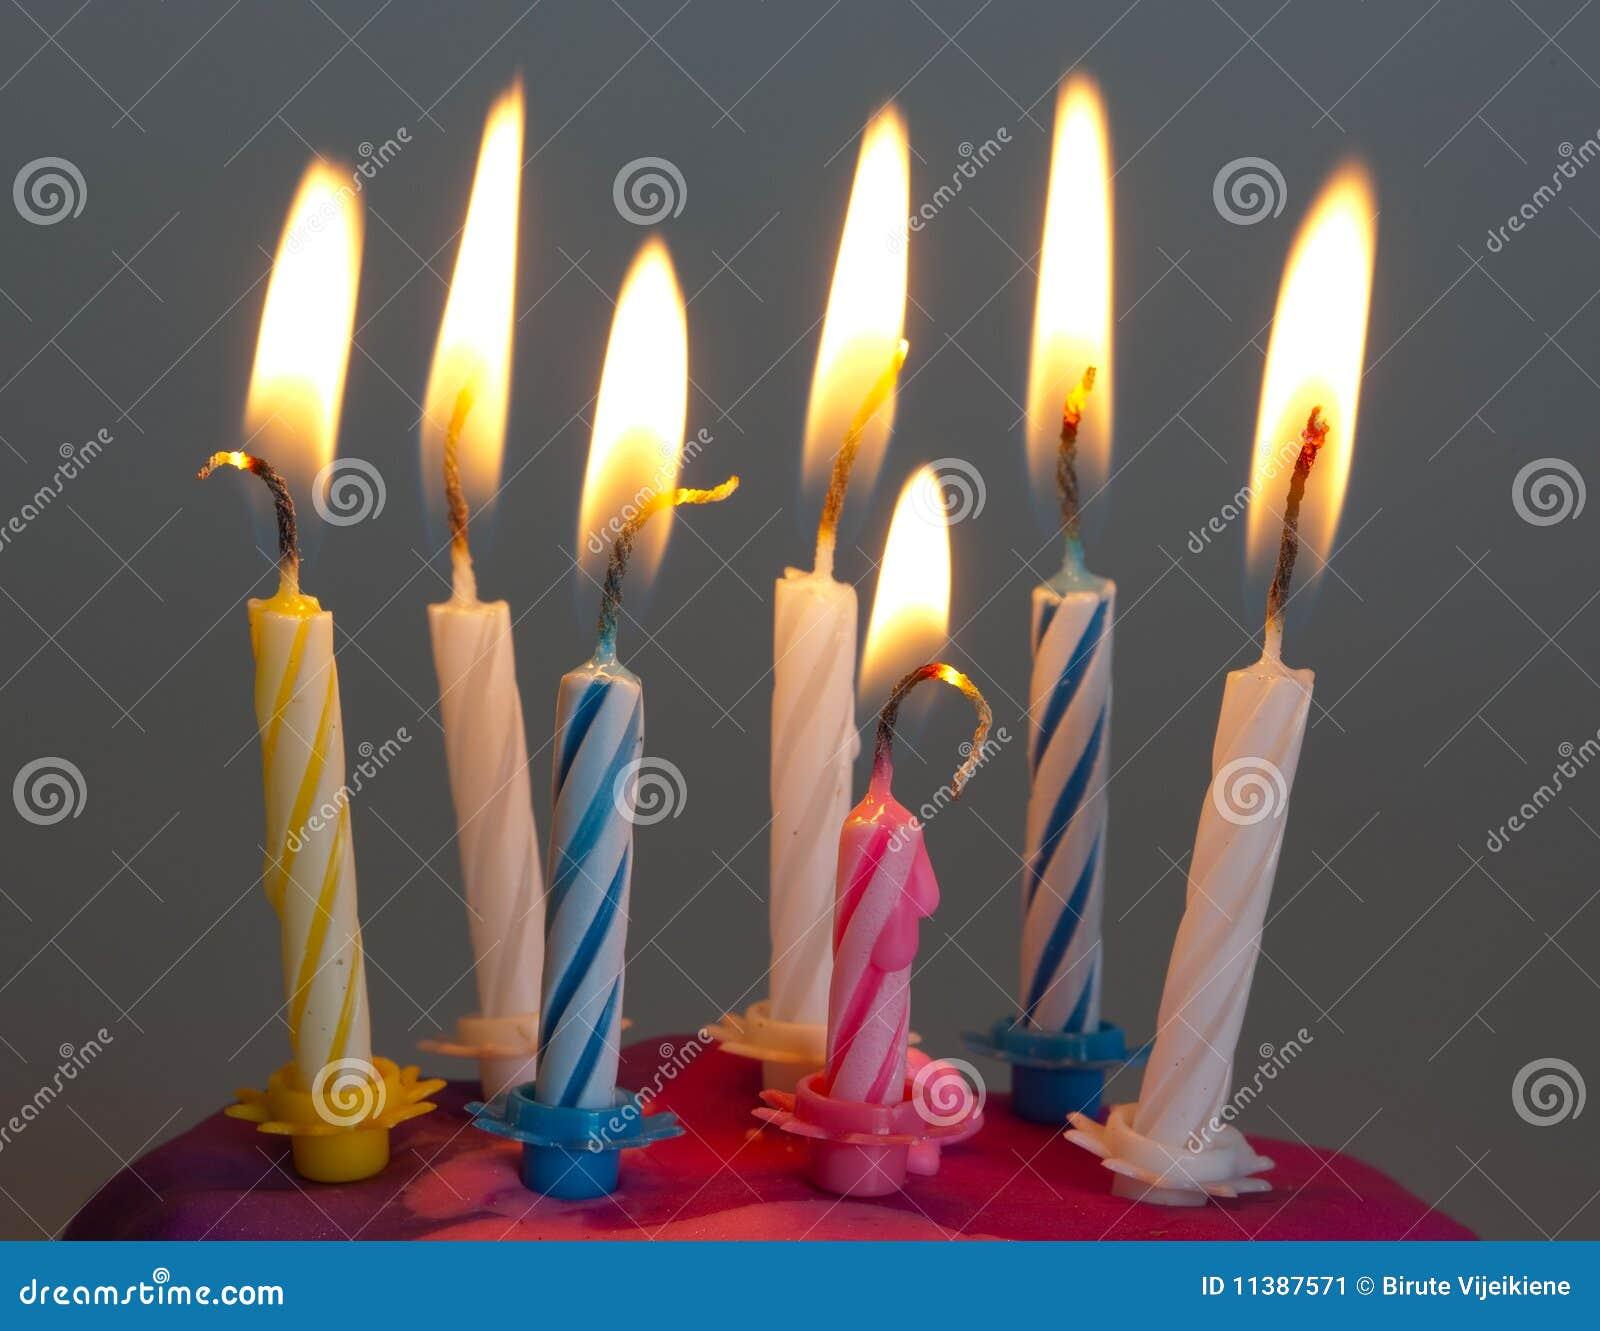 Birthday Candles Burning Stock Image Image 11387571